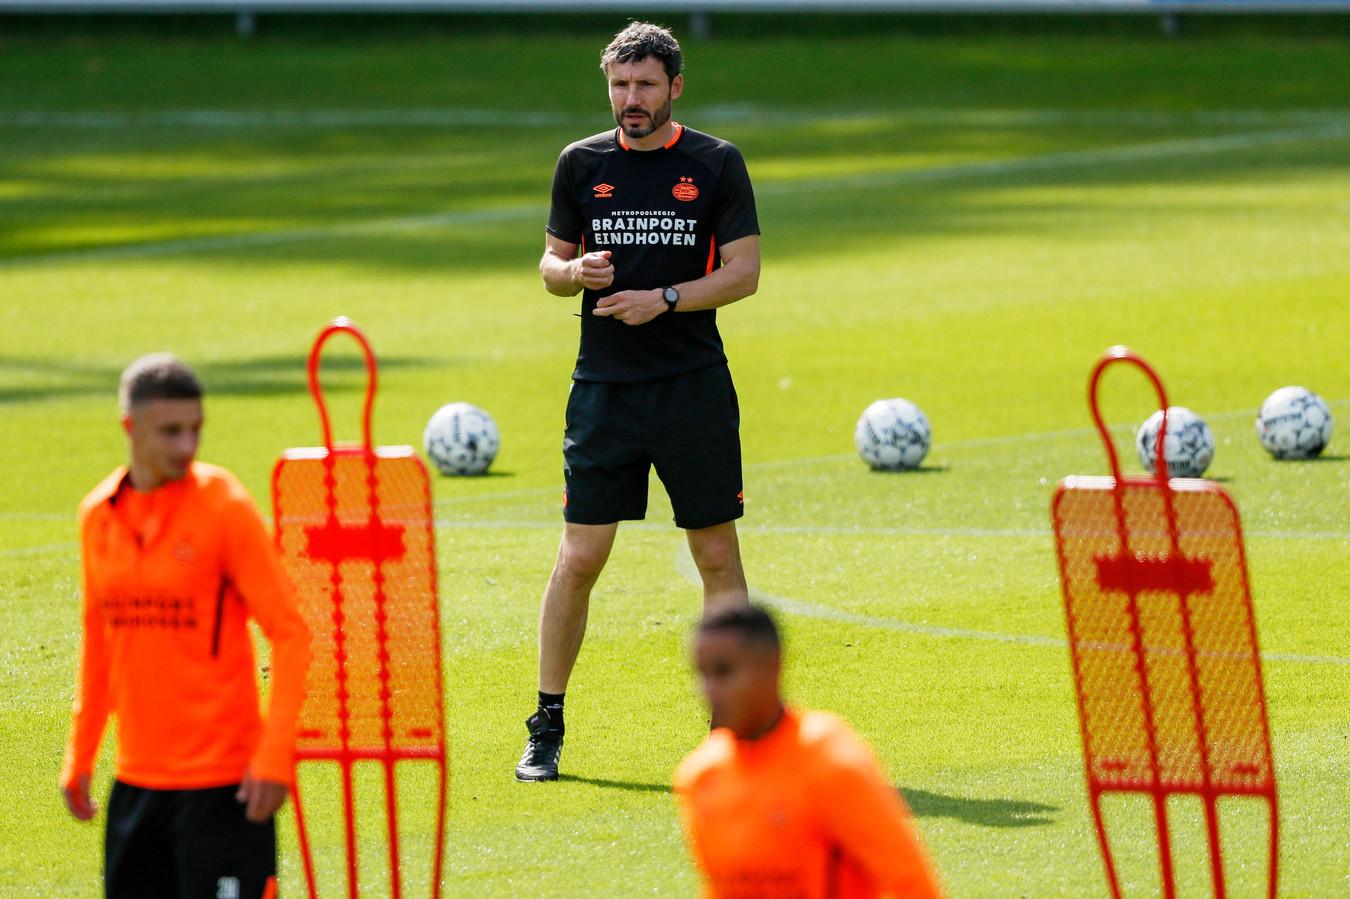 PSV werkte woensdag de laatste training af richting het duel met Apollon Limassol.